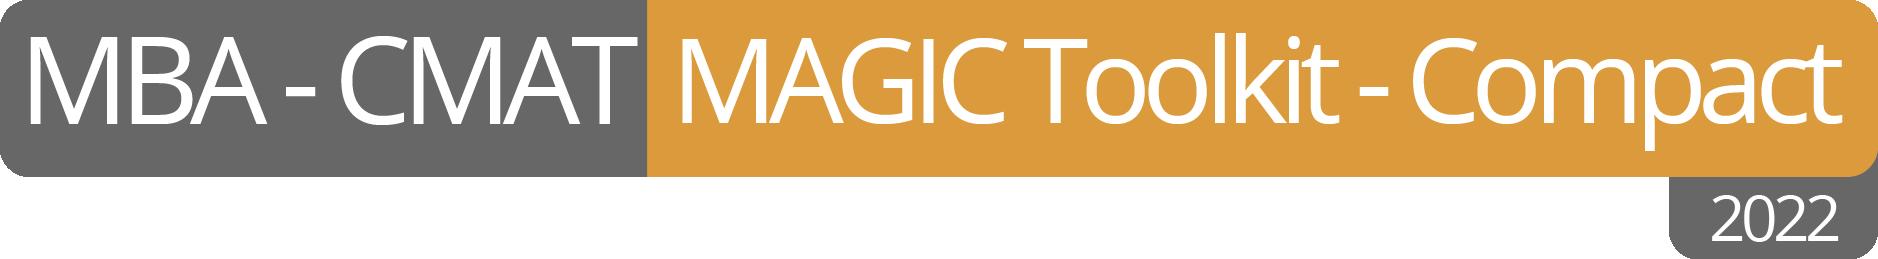 CMAT 2022, CMAT 2022 Magic Toolkit Compact